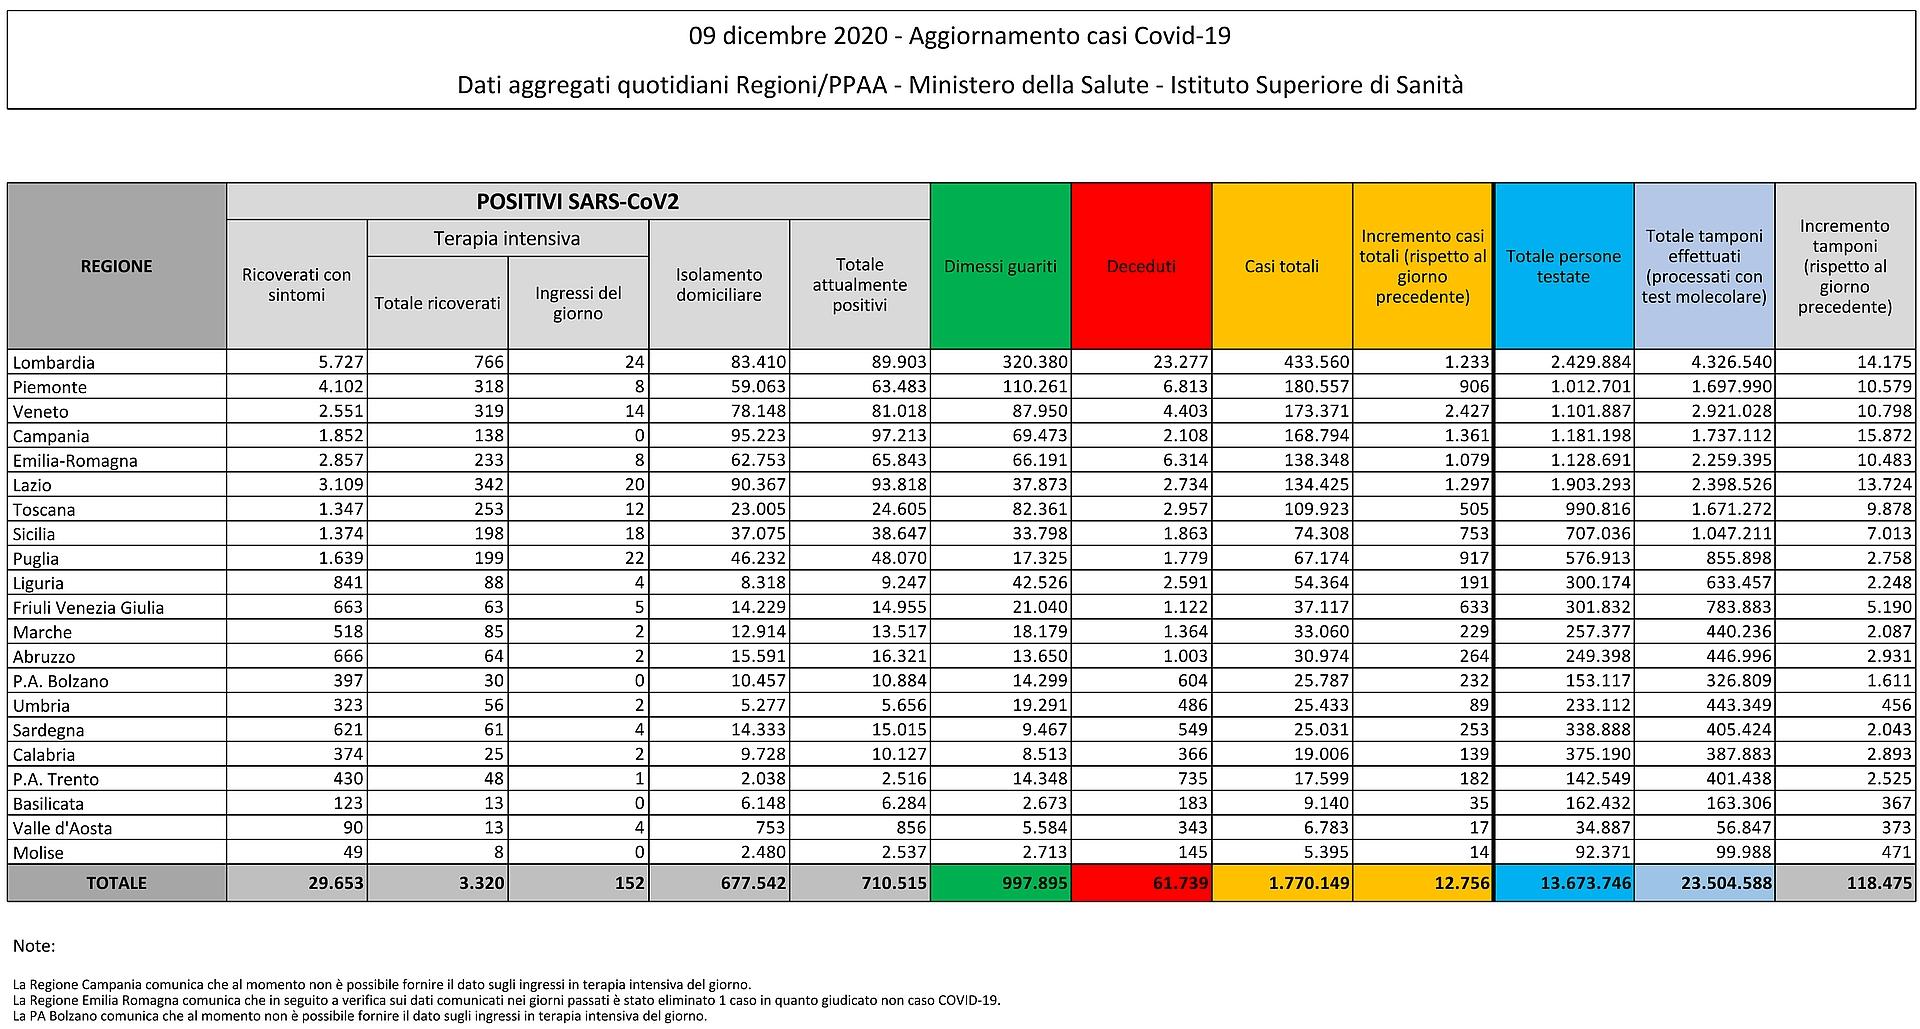 9 dicembre 2020 - Aggiornamento casi Covid-19 Dati aggregati quotidiani Regioni/PPAA - Ministero della Salute - Istituto Superiore di Sanità